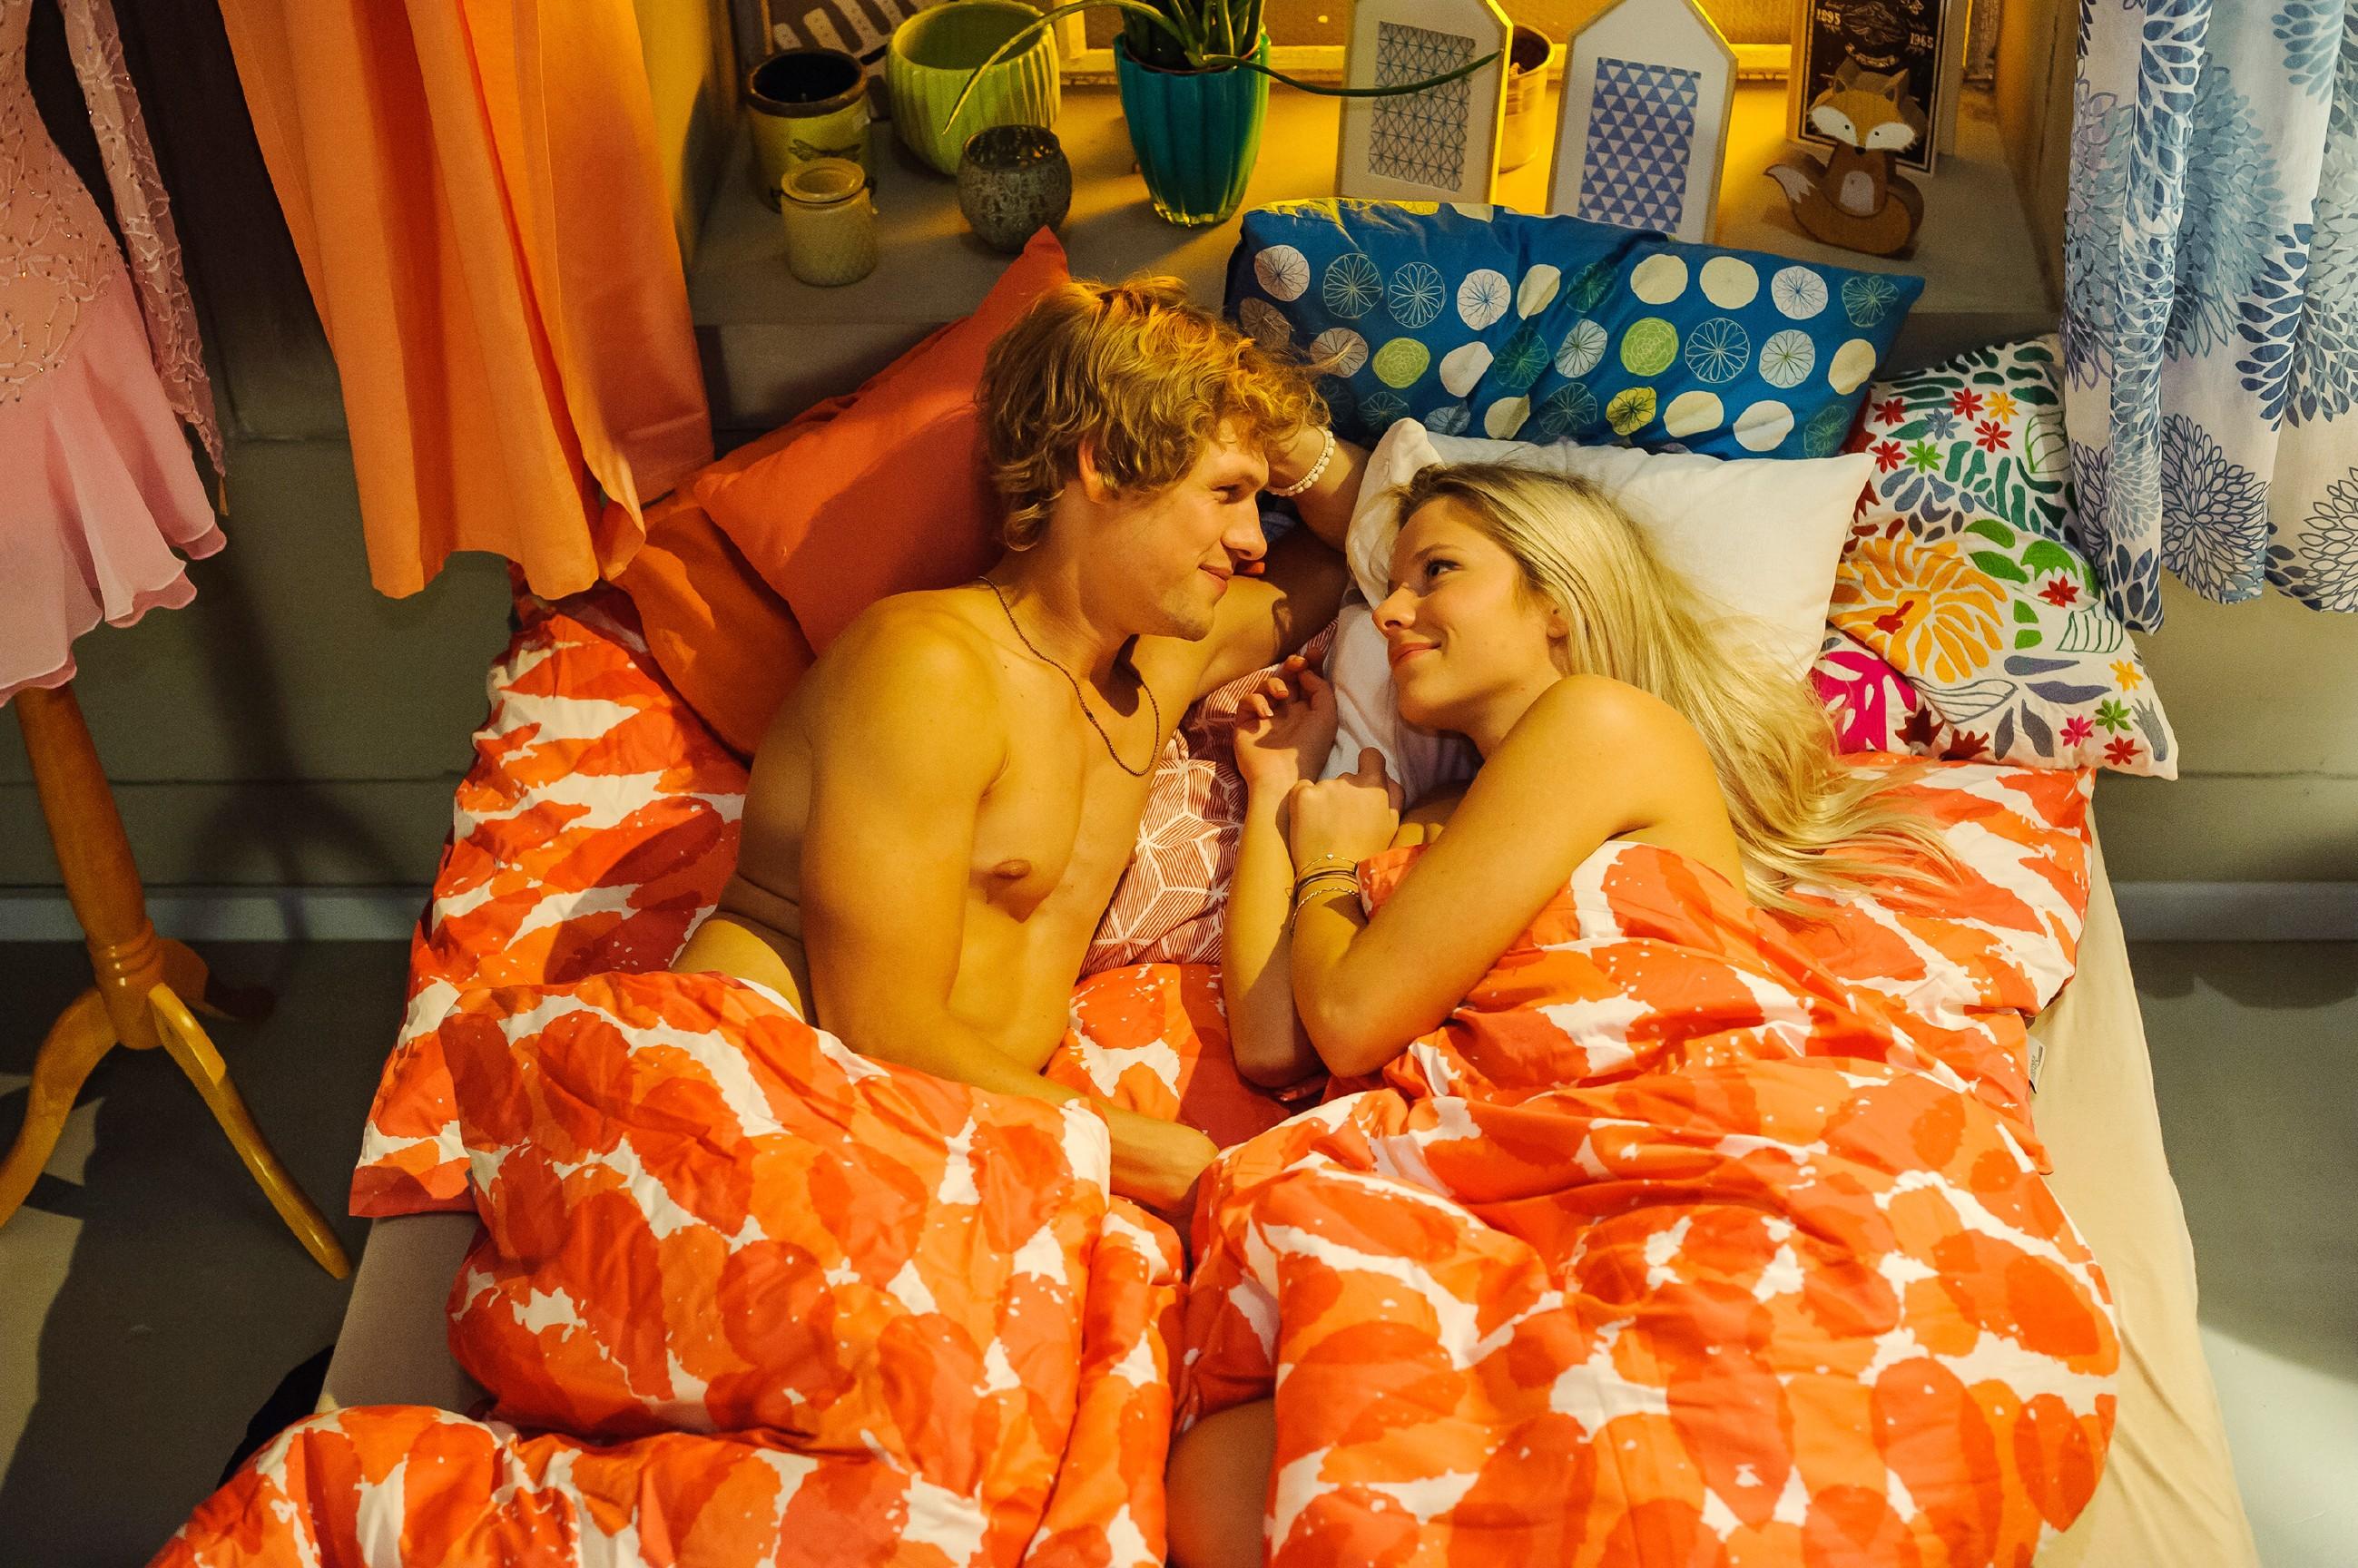 Marie (Cheyenne Phade) genießt ihren neuen Flirt mit Milan (Remo Schulze) in vollen ZüŸgen. (Quelle: RTL / Julia Feldhagen)